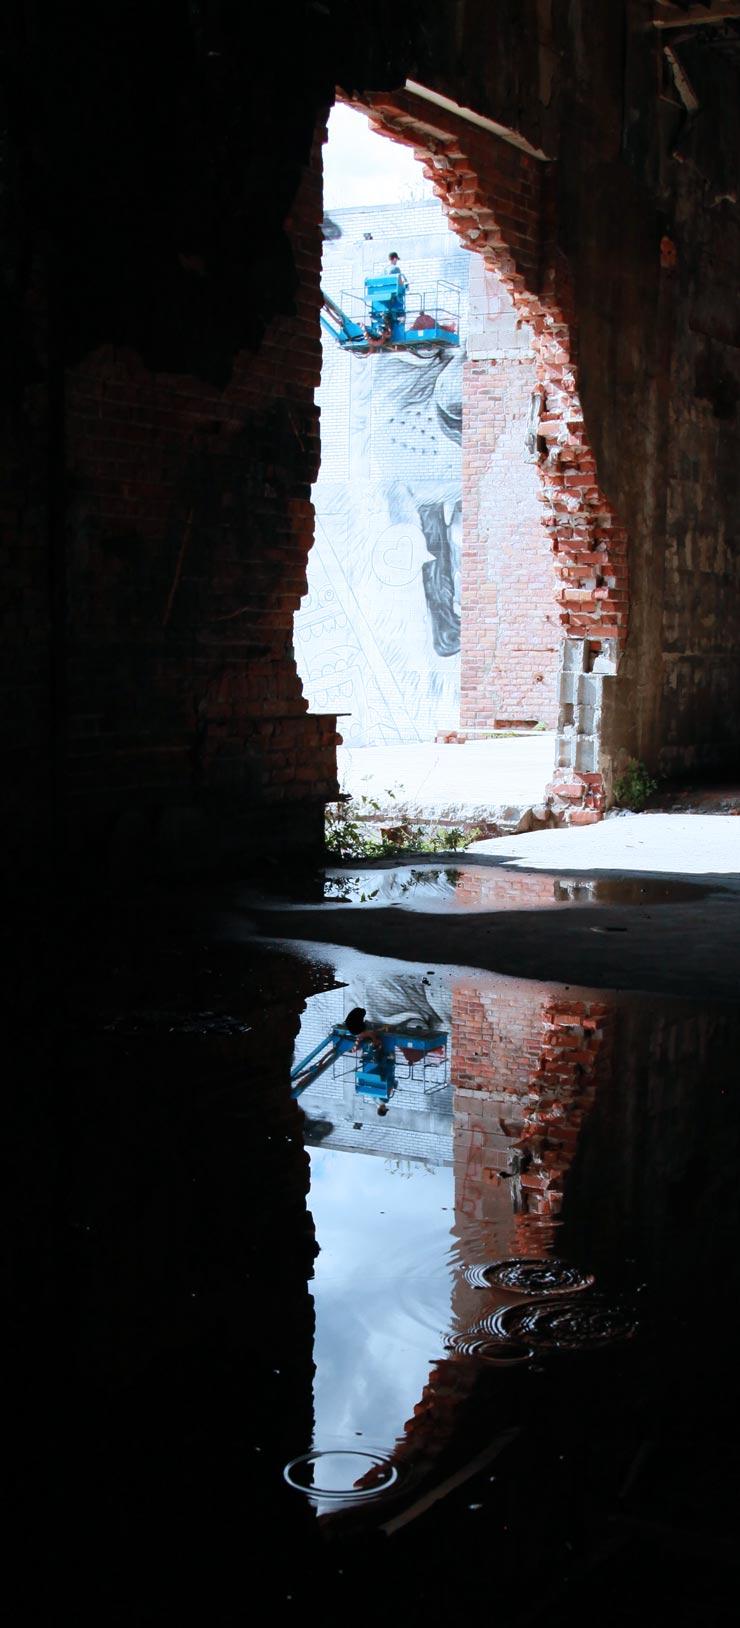 brooklyn-street-art-gregg-mike-jaime-rojo-1xrun-09-18-16-detroit-web-3